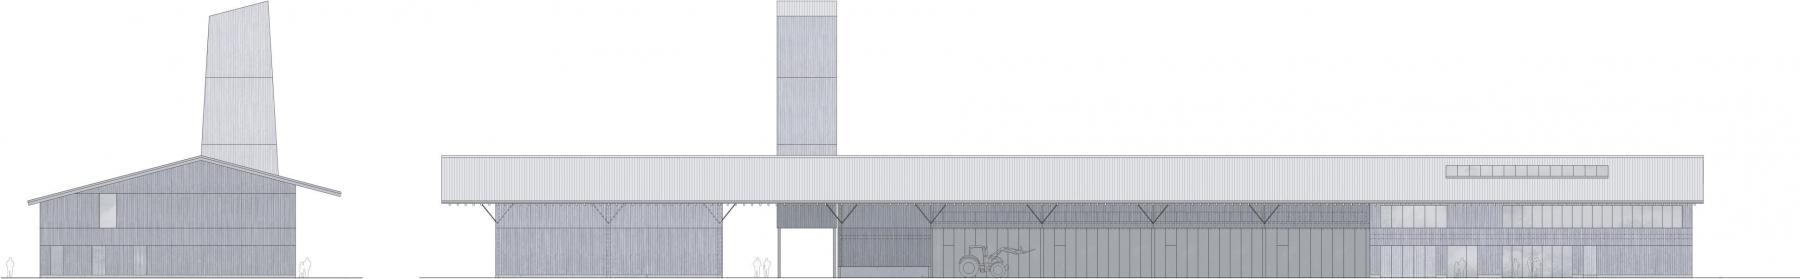 Ein Dach, unter dem alle Nutzungen vereint sind, und der expressive Salzsilo prägen das Siegerprojekt «Tenn». Der Ansatz ist pragmatisch, der Ausdruck angemessen. Ansichten von Osten (links) und Norden (rechts). (Plan: Proj